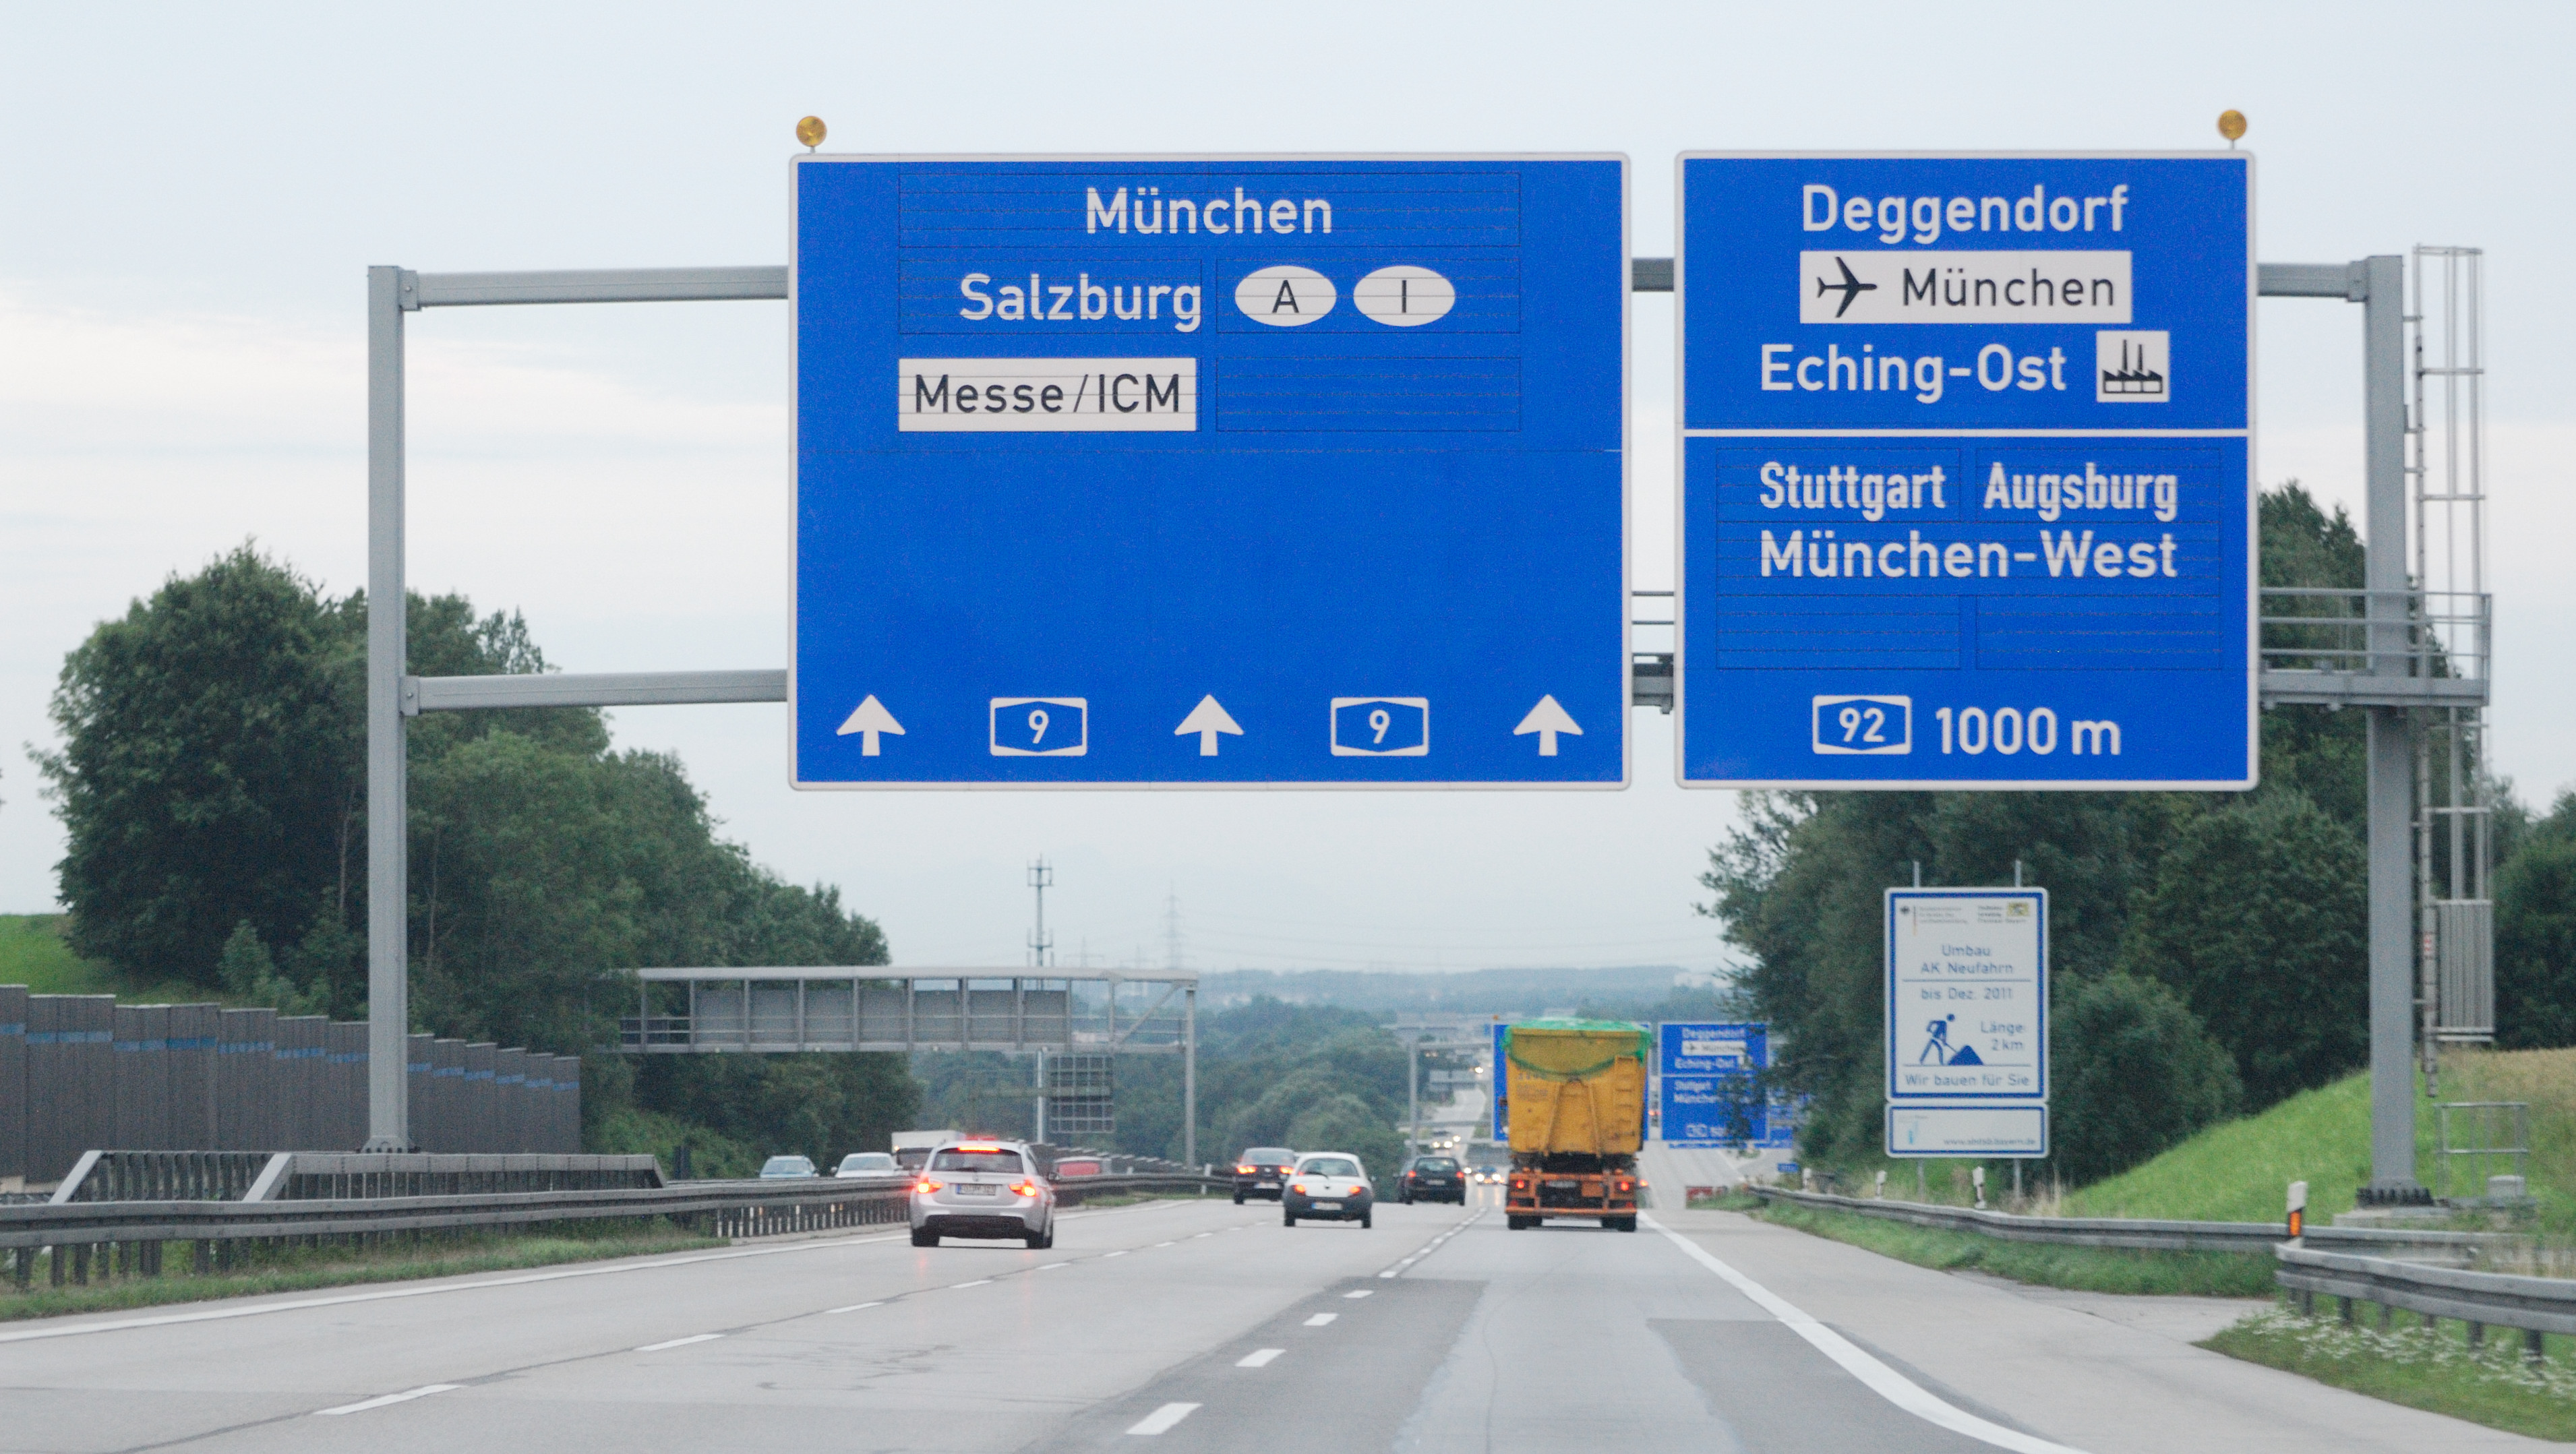 Hotel Neufahrn Bei Munchen